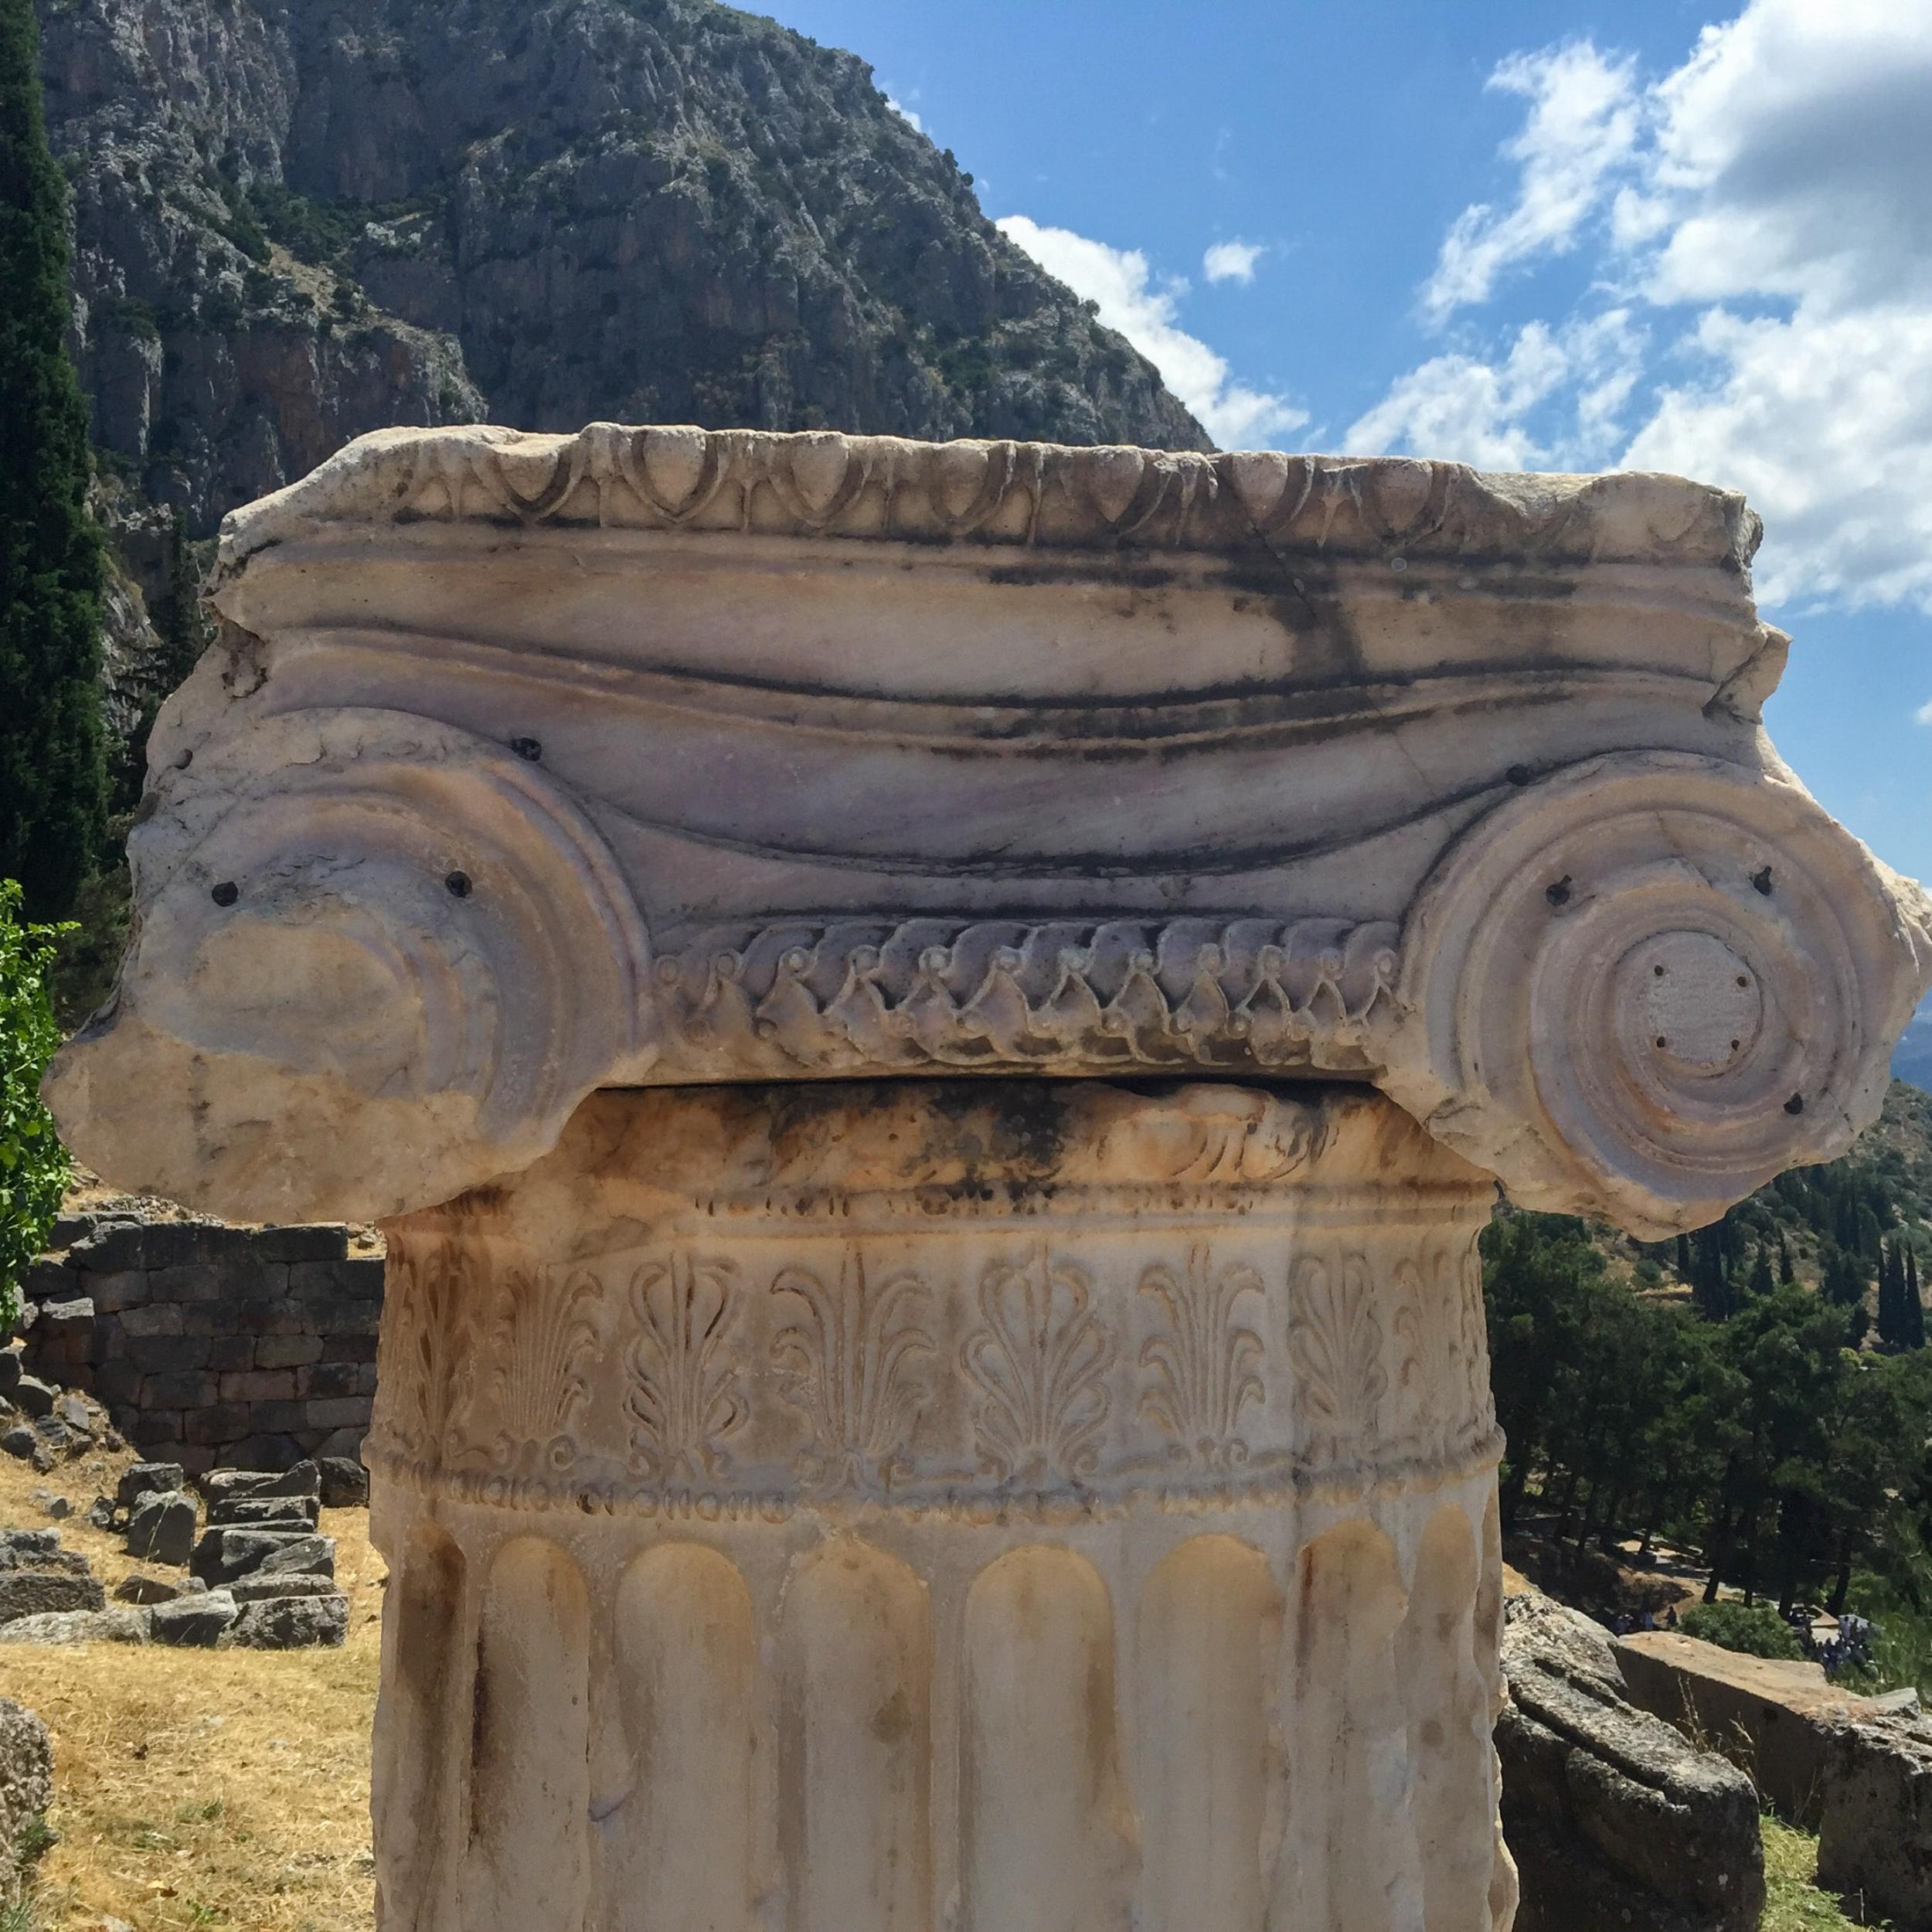 Greece - Athens, Parnassus, Hydra, Poros, Aegina